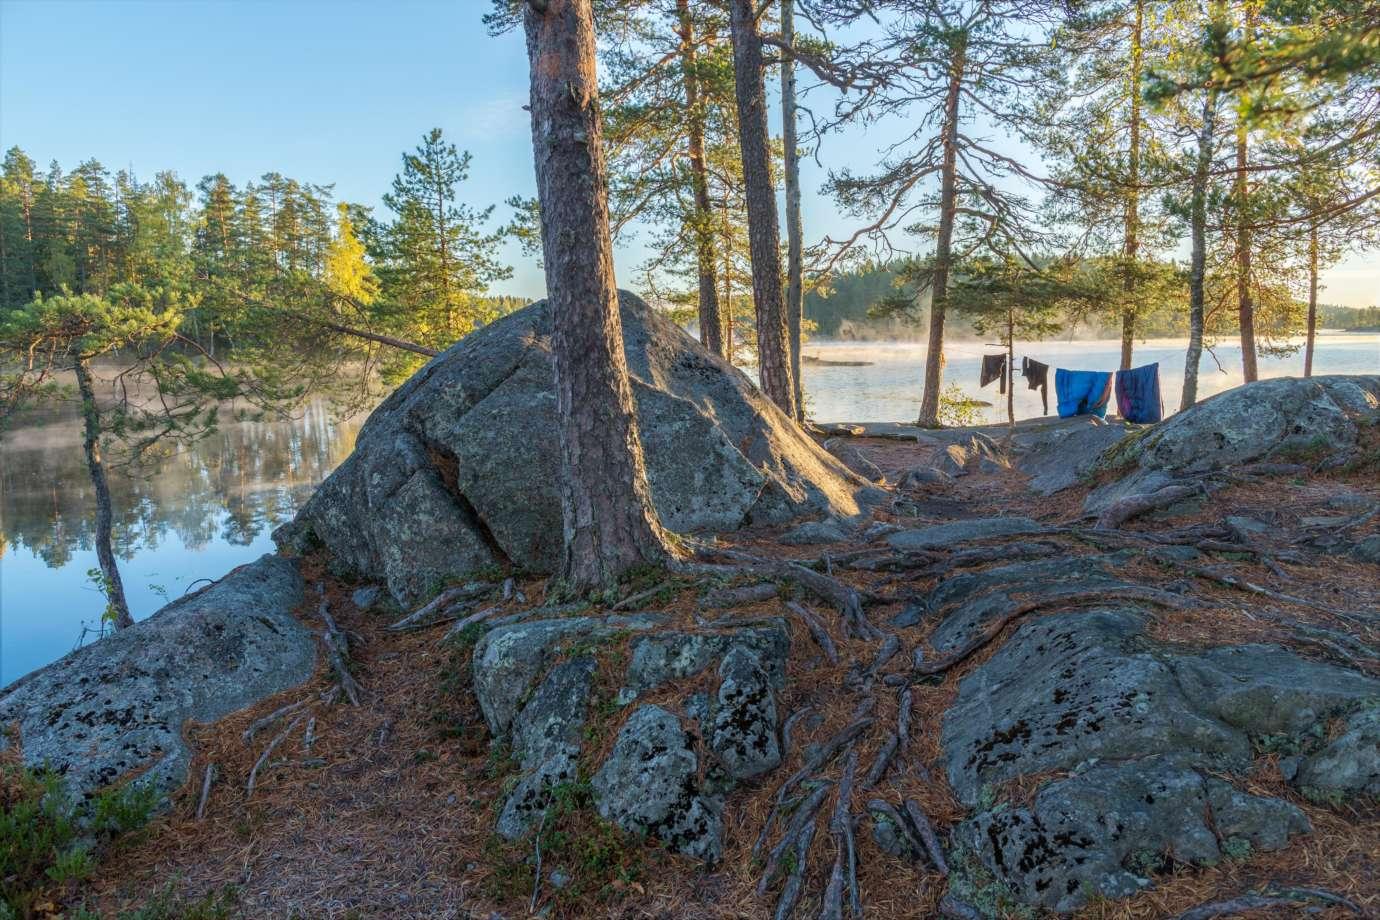 Pukalan virkistysmetsän kallioista järvenrantaa ja uimapussit kuivumassa narulla aamuisessa sumussa alkusyksyn auringossa.